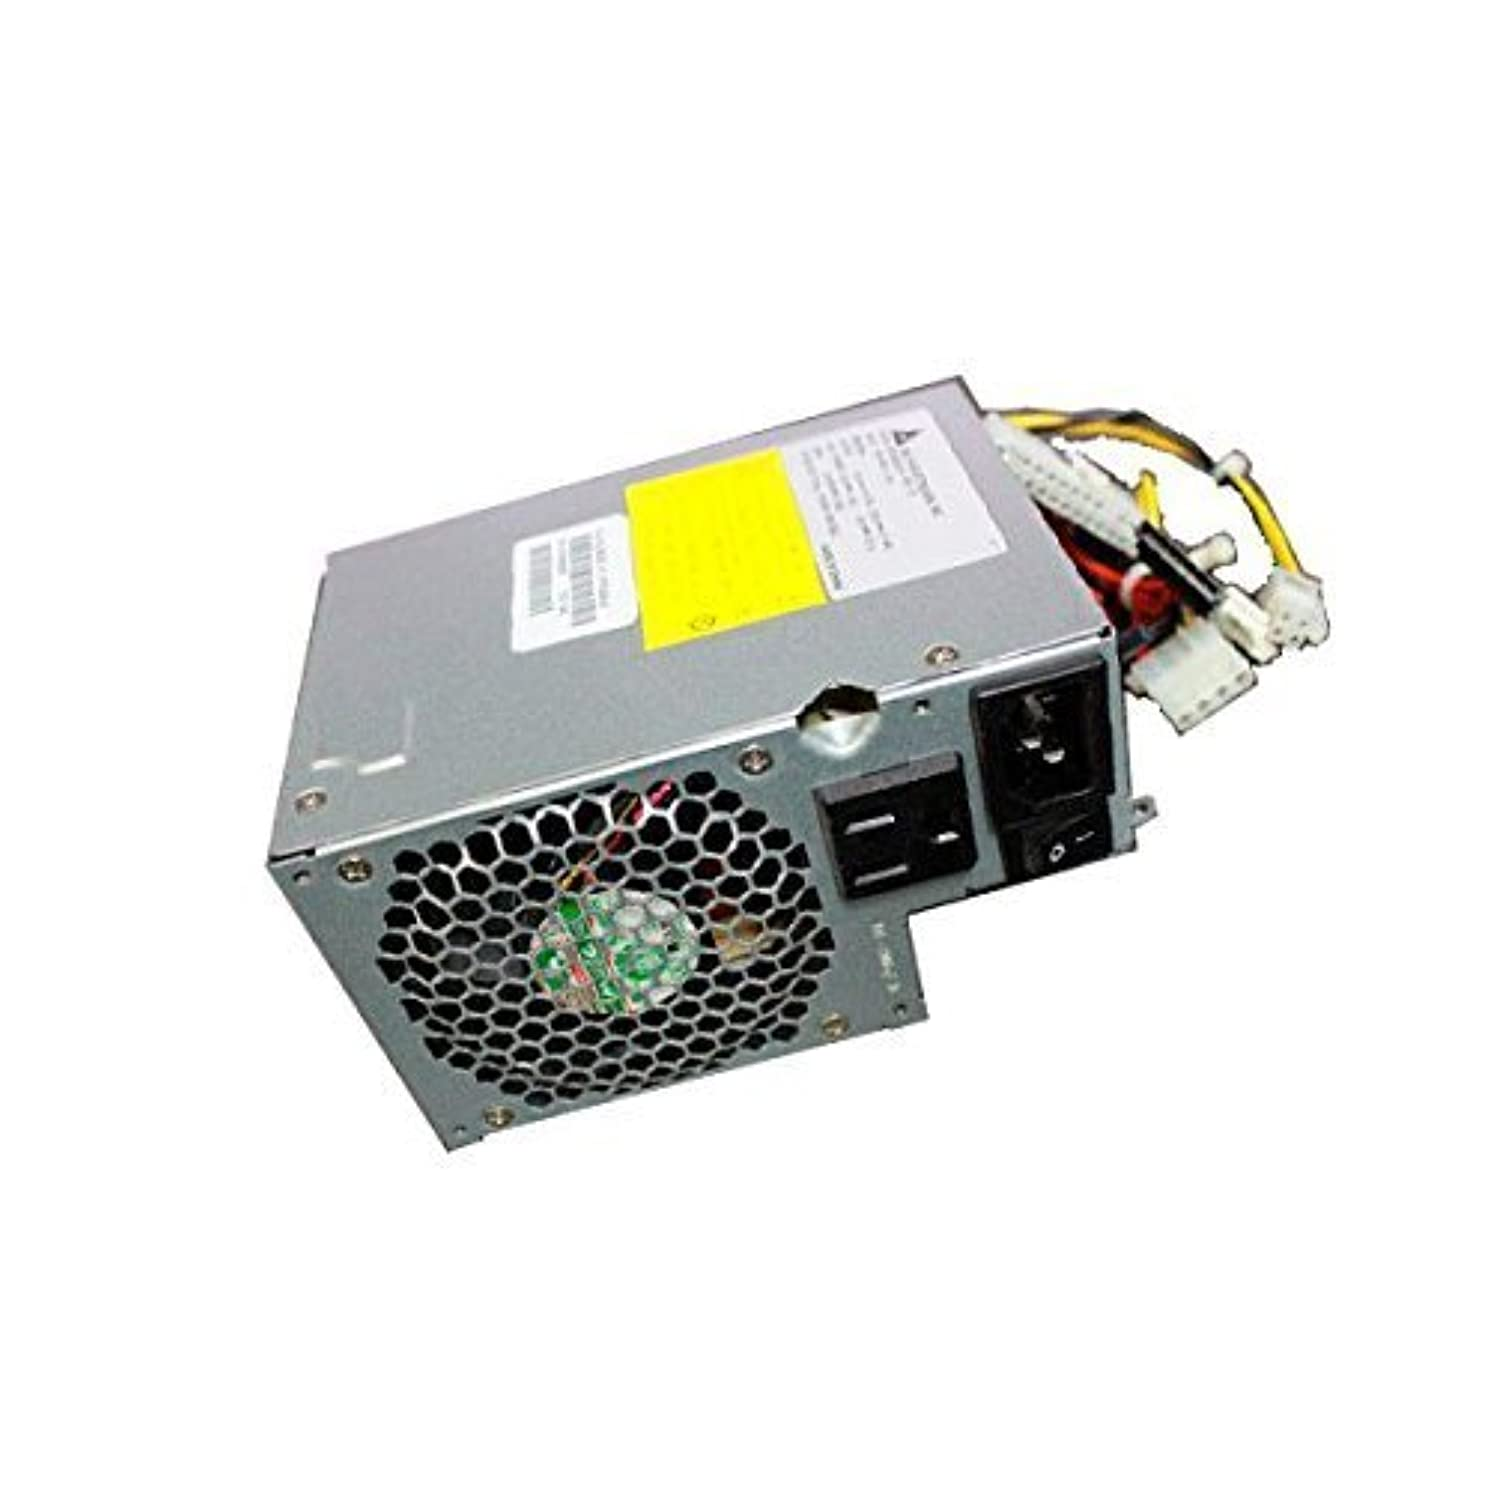 ソースフロンティアピースディスクトップパソコン 電源ユニット 富士通 ESPRIMO D750/A D750/AX D751/C 電源Box DPS-230PB 230W